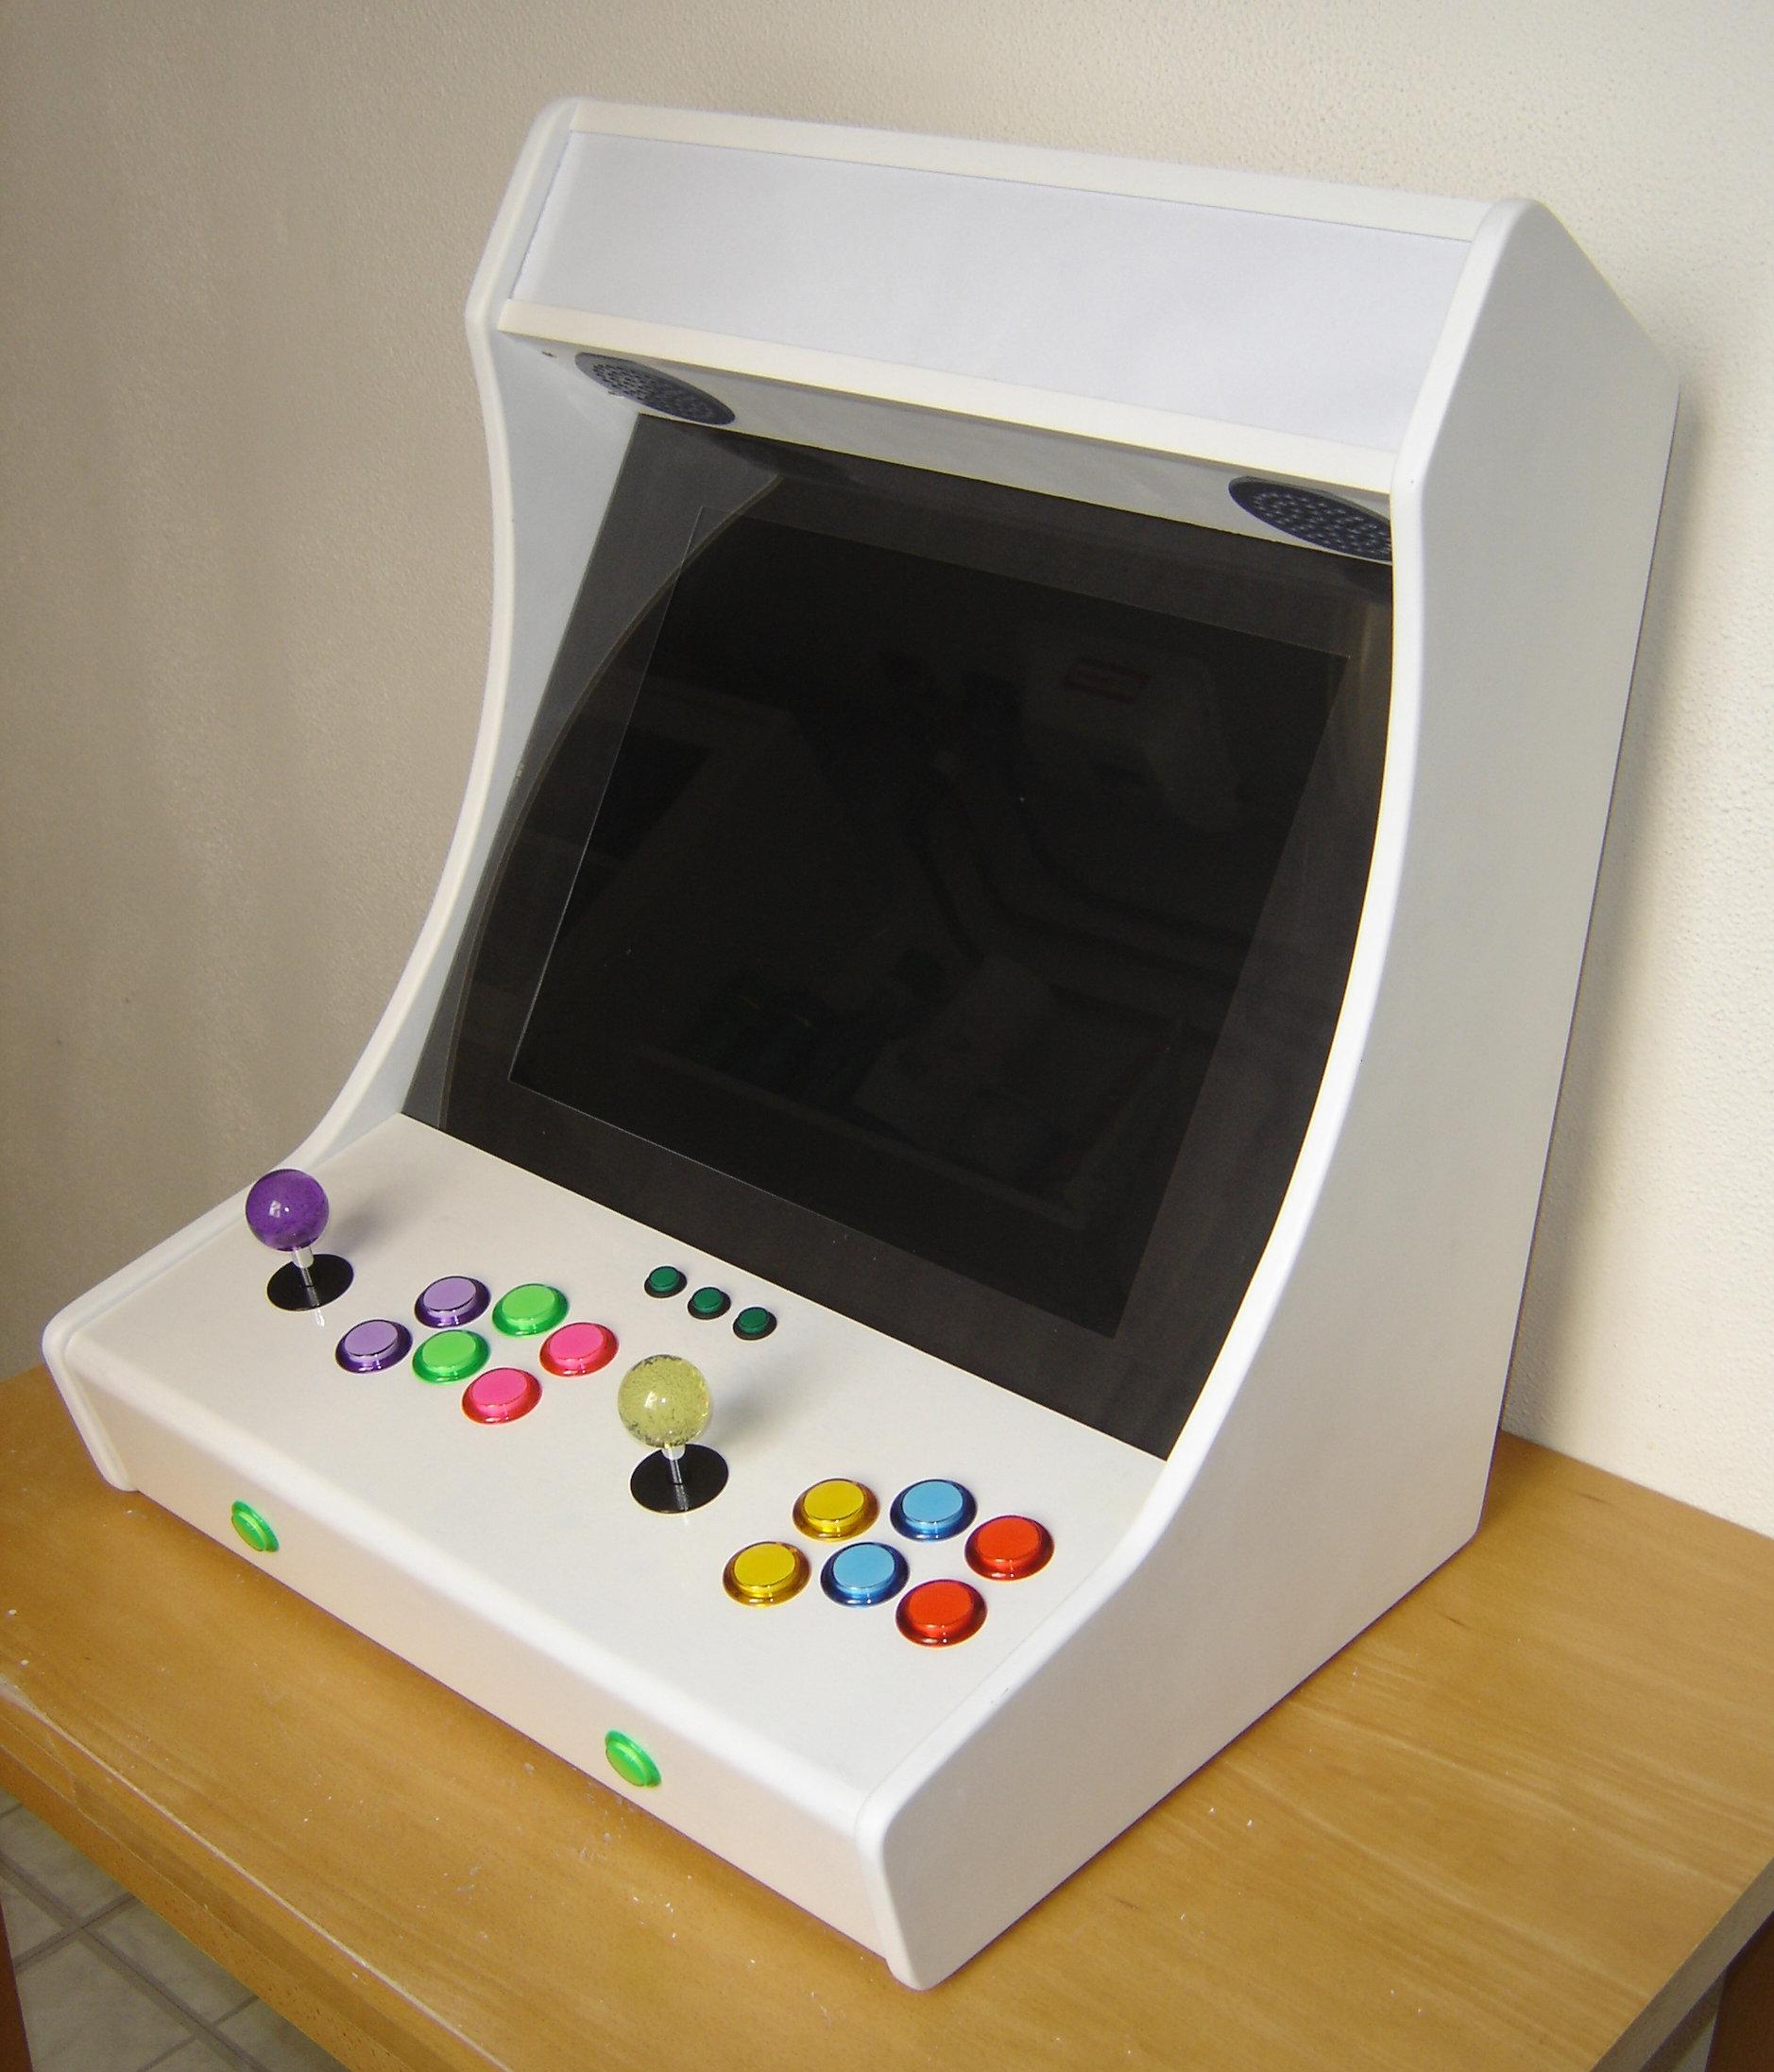 plan de borne d'arcade